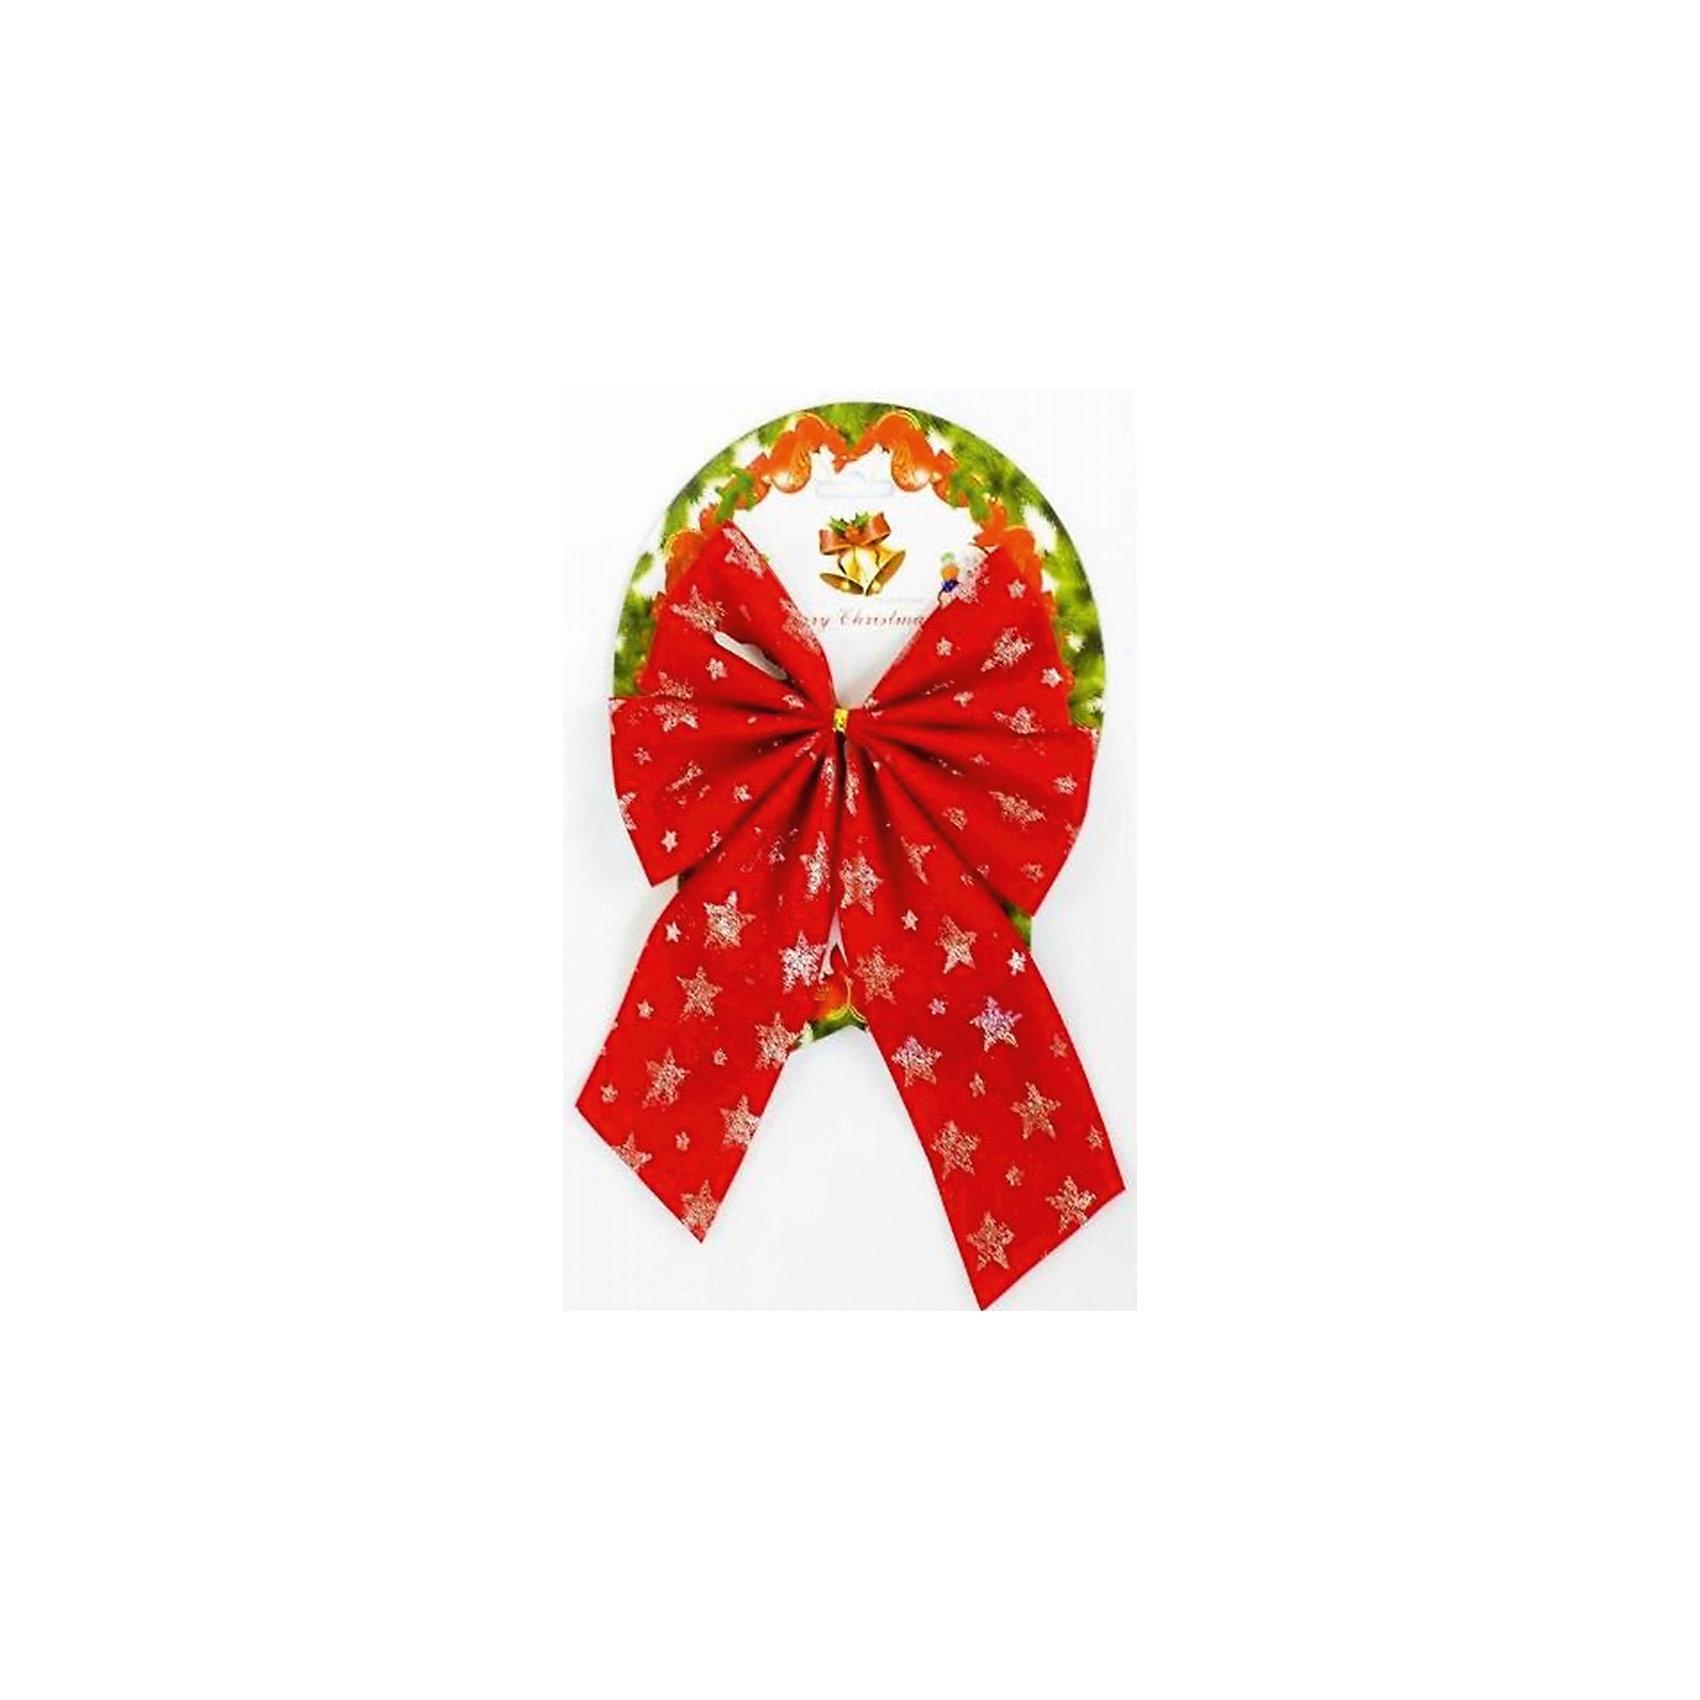 Новогоднее украшение Красный бант со звездамиВсё для праздника<br>Украшение новогоднее БАНТ Красный со звездами арт.42778 / 17х21<br><br>Ширина мм: 170<br>Глубина мм: 210<br>Высота мм: 5<br>Вес г: 30<br>Возраст от месяцев: 60<br>Возраст до месяцев: 600<br>Пол: Унисекс<br>Возраст: Детский<br>SKU: 5144591